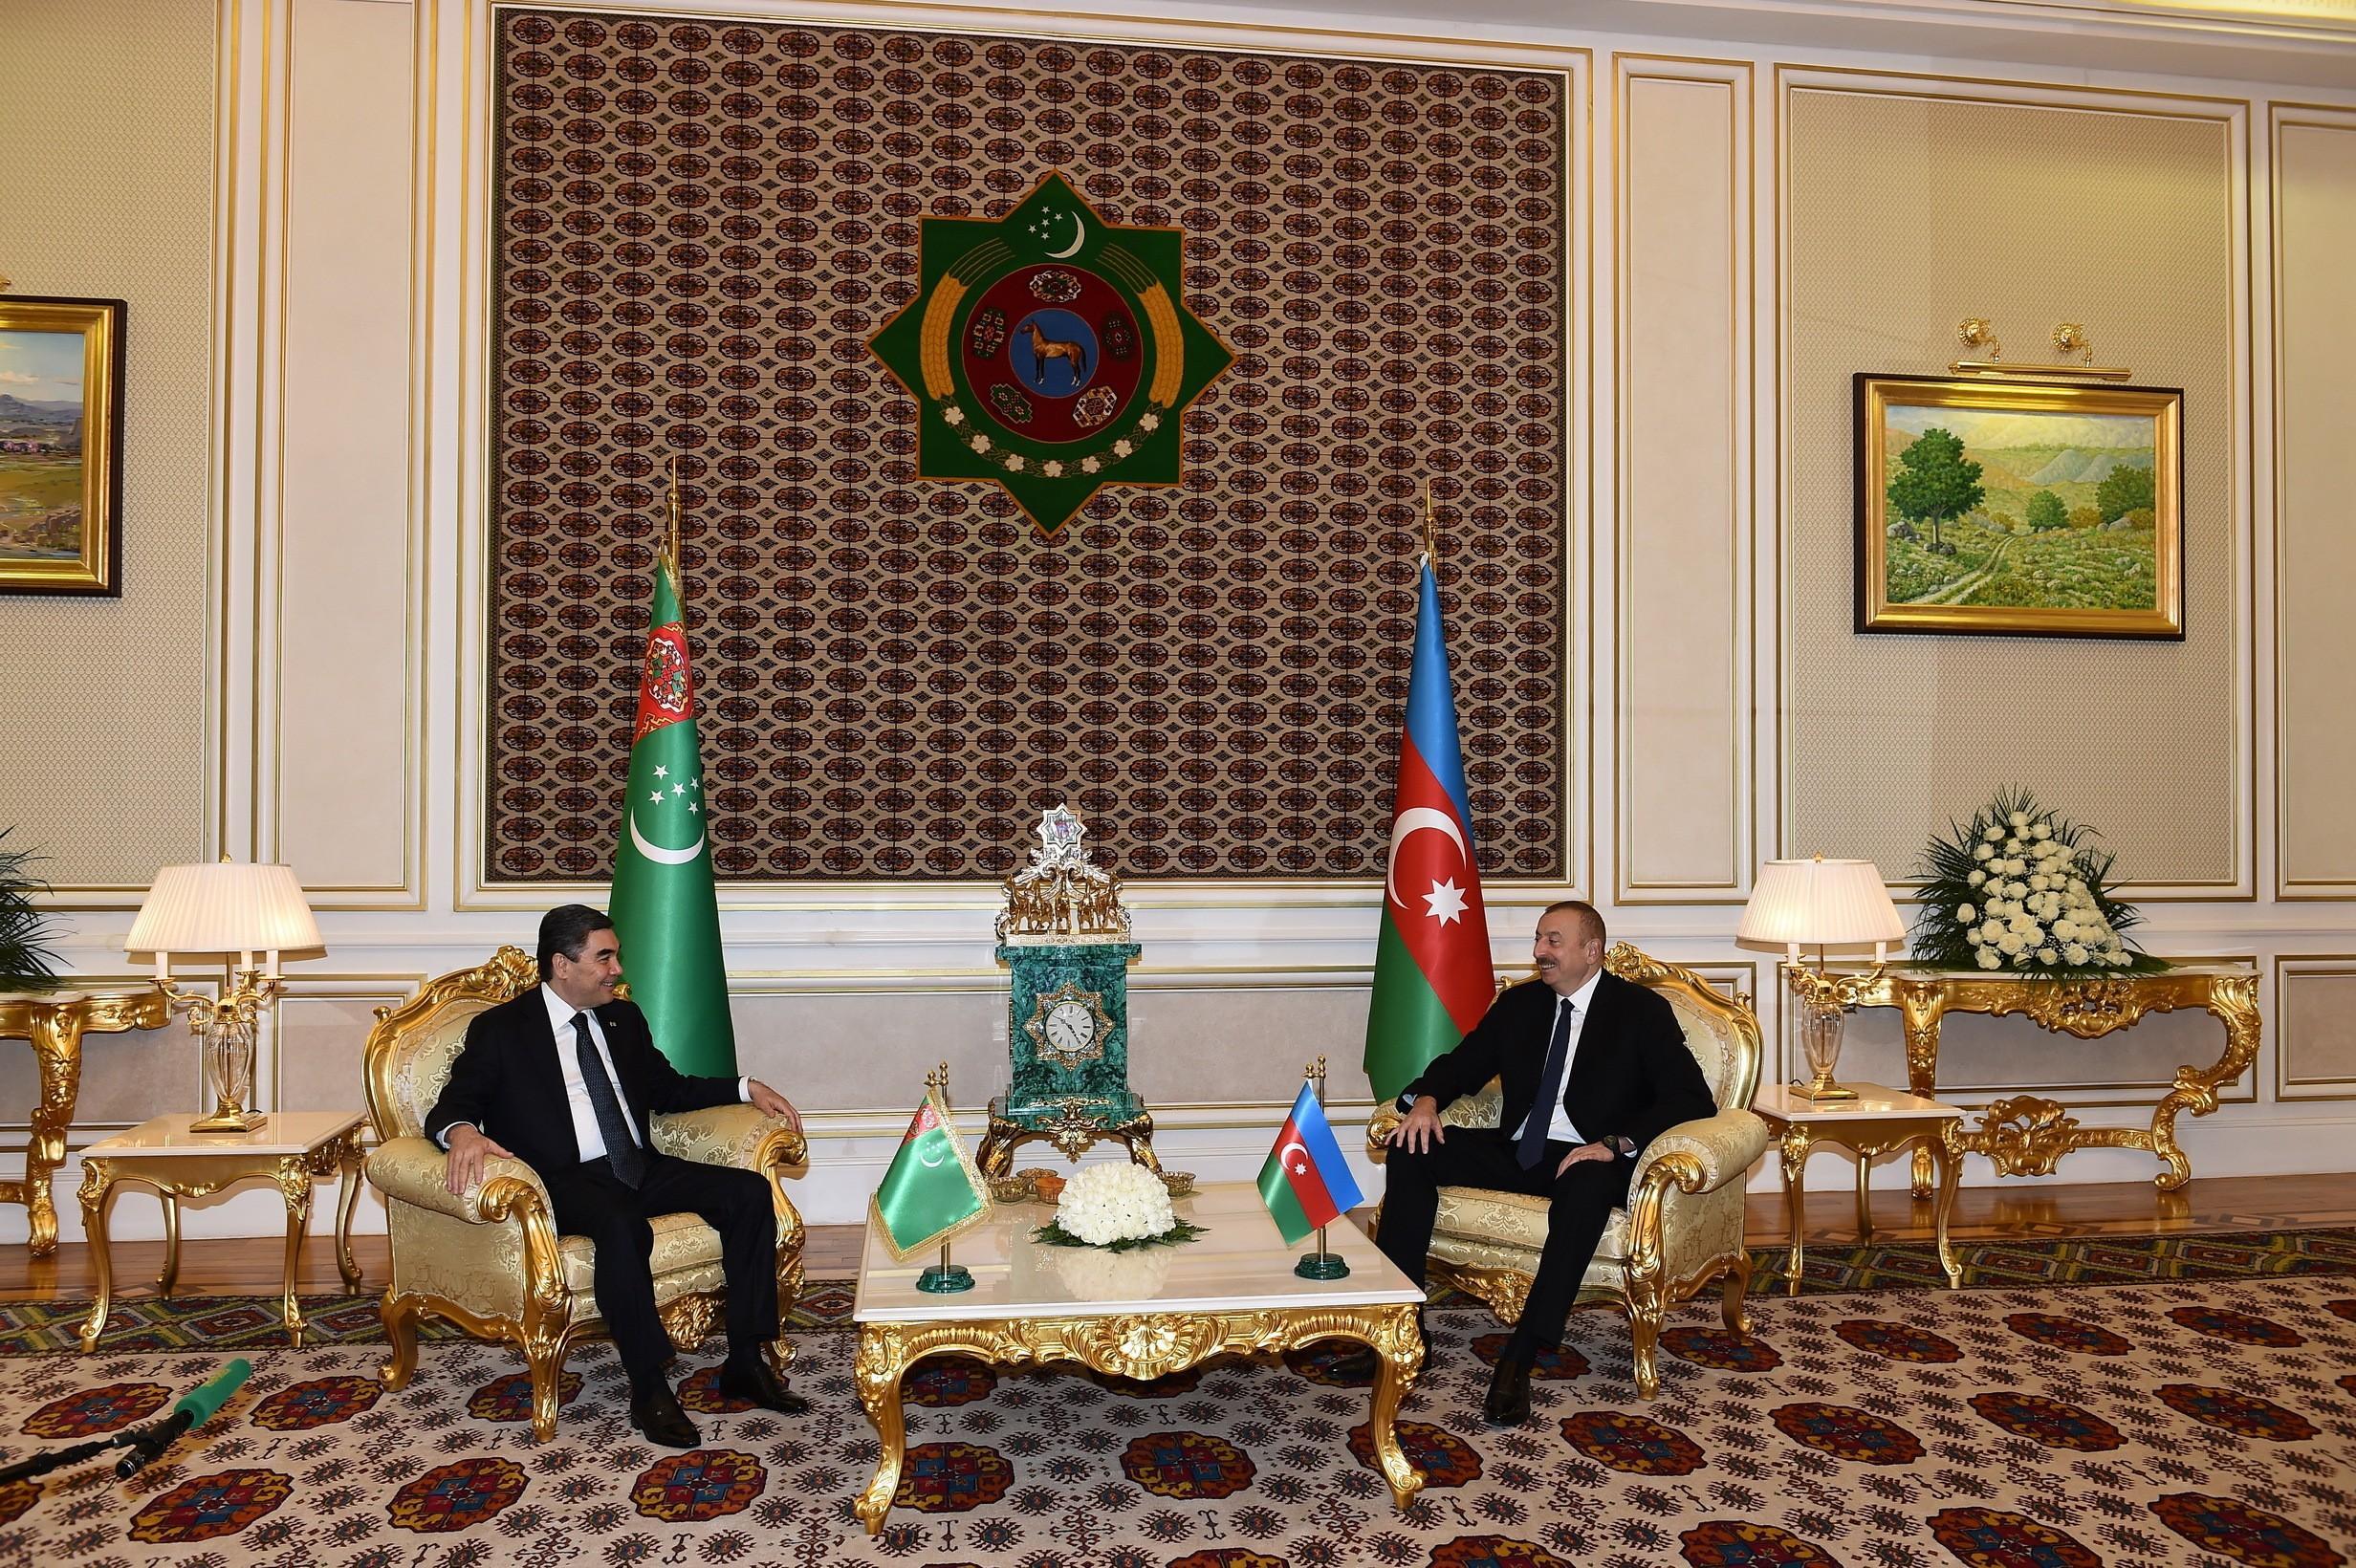 Президент Ильхам Алиев:  Мой визит в Туркменистан послужит делу укрепления наших братских отношений